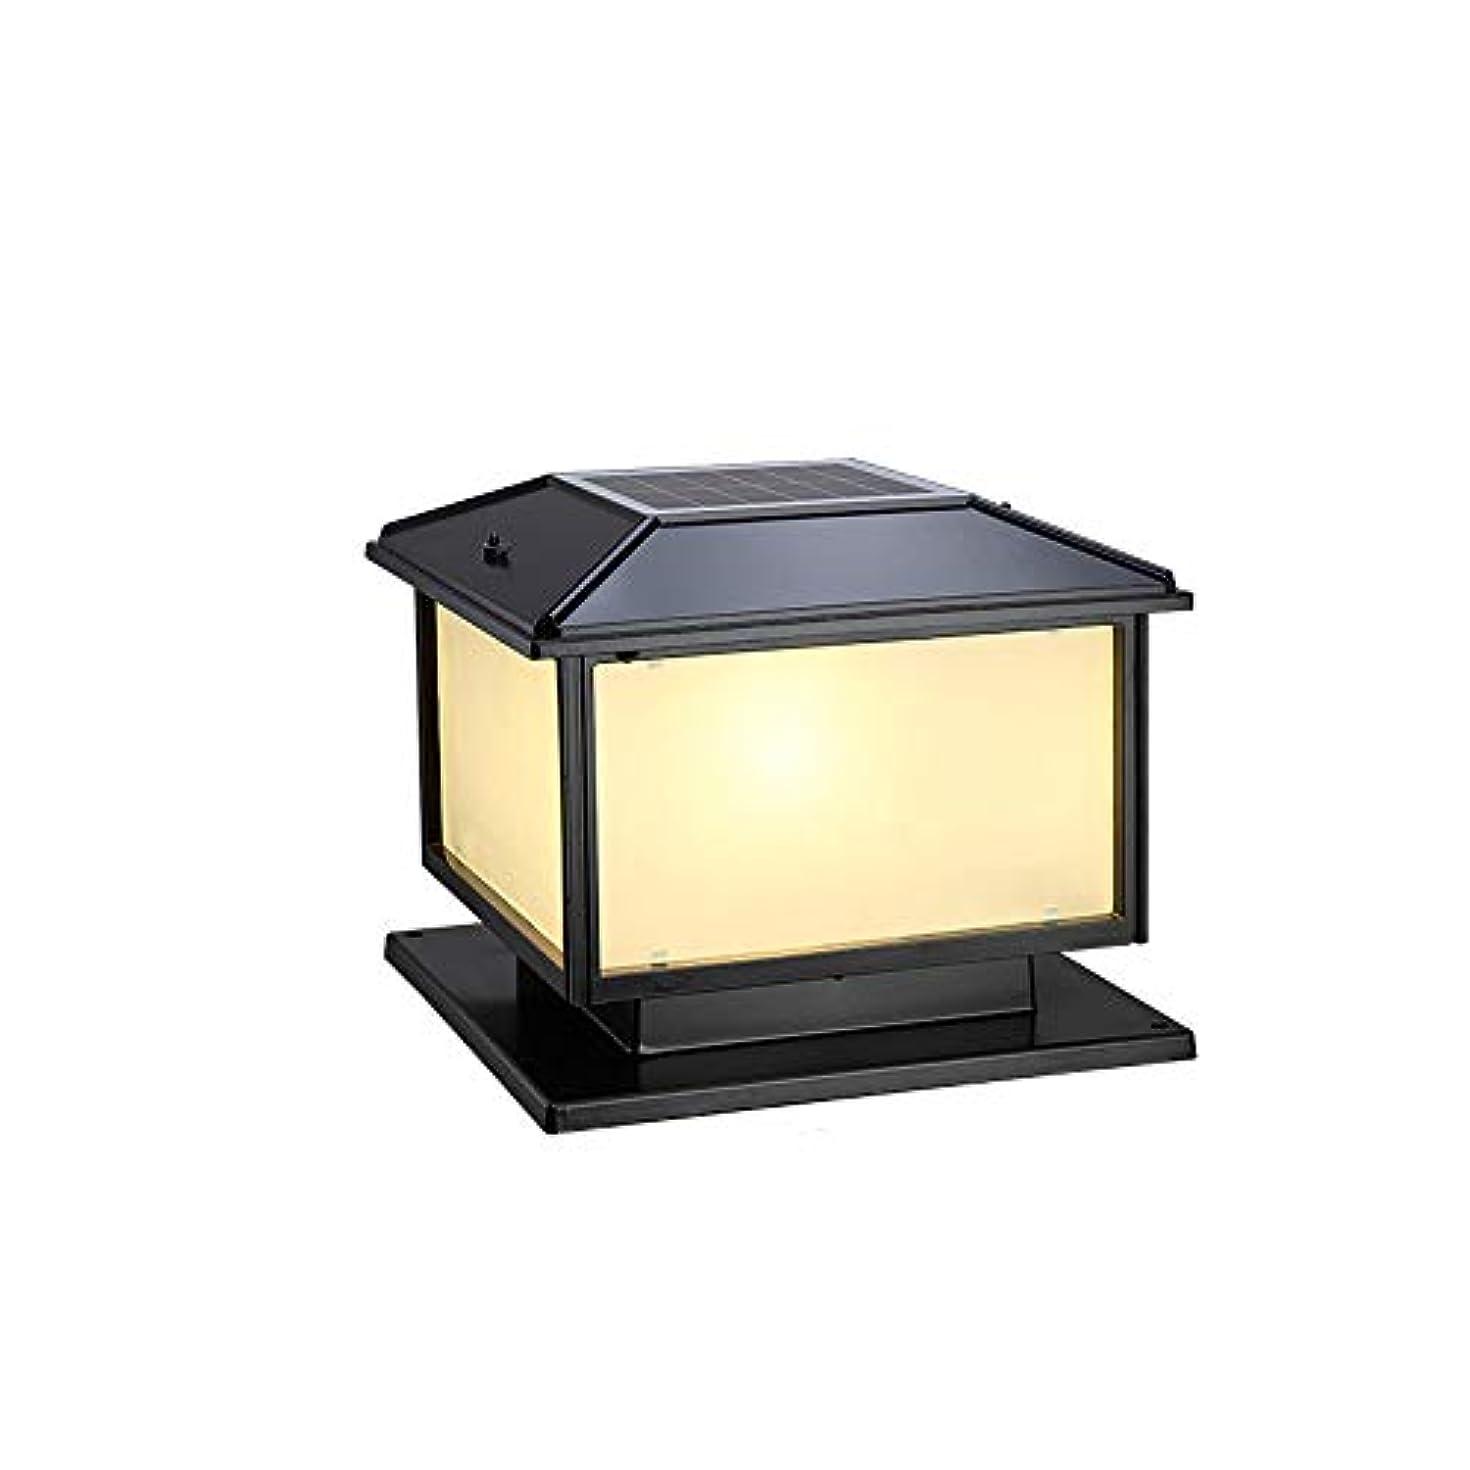 根拠政治家配送Pinjeer ヴィンテージスクエアソーラーled 2色調光ledガラスコラムランプヨーロッパアンティーク屋外アルミポストライトガーデンヴィラ中庭風景芝生装飾柱ランプ (Color : Black, サイズ : S)